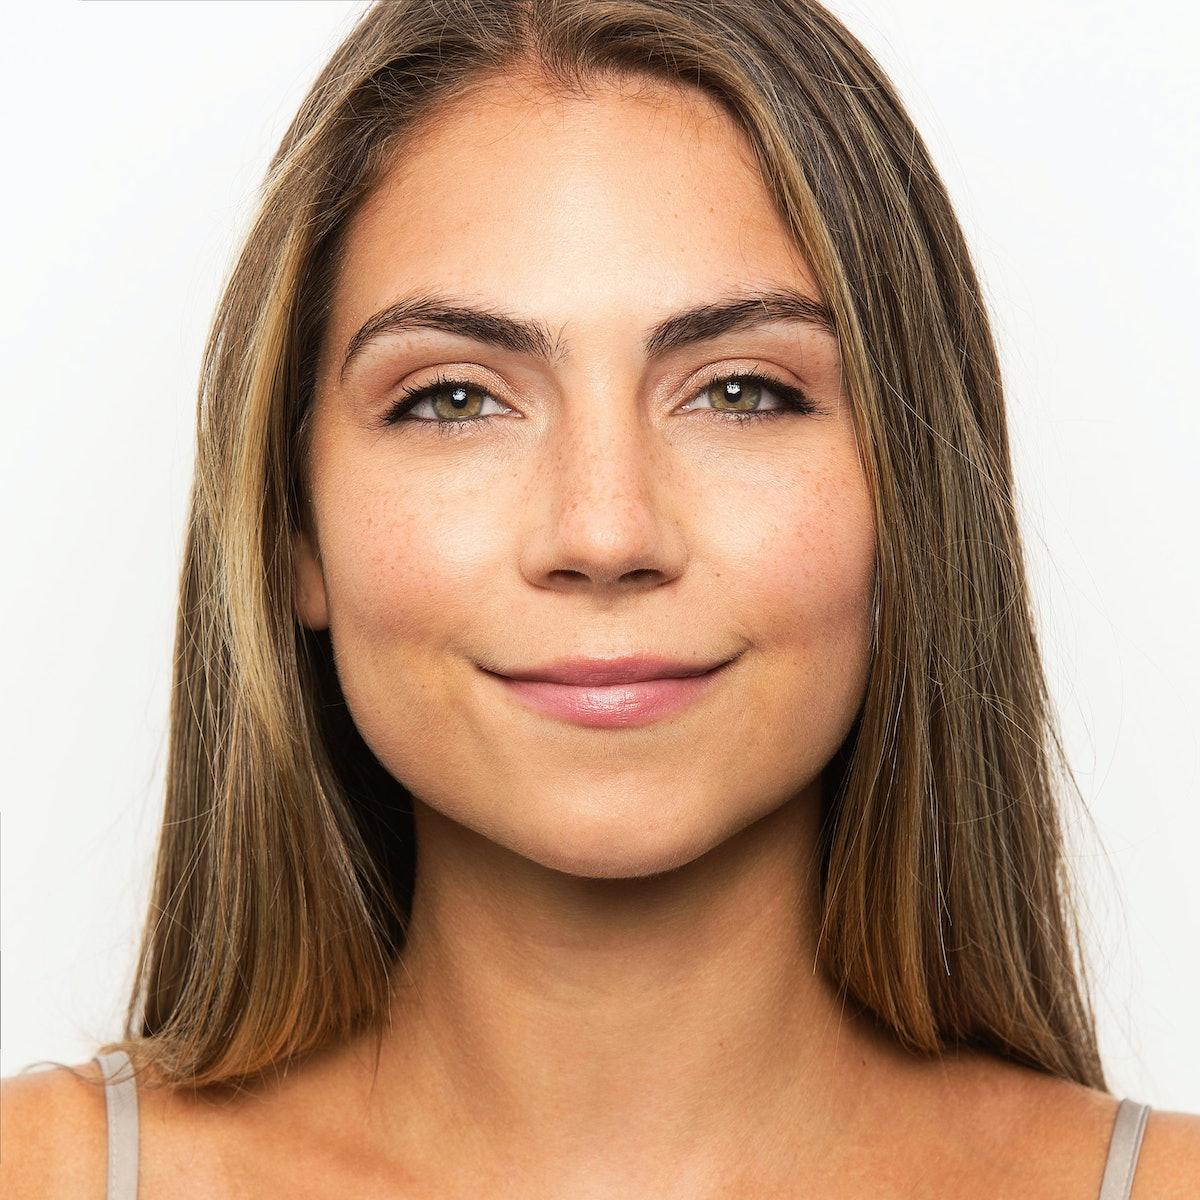 Marissa Oliva